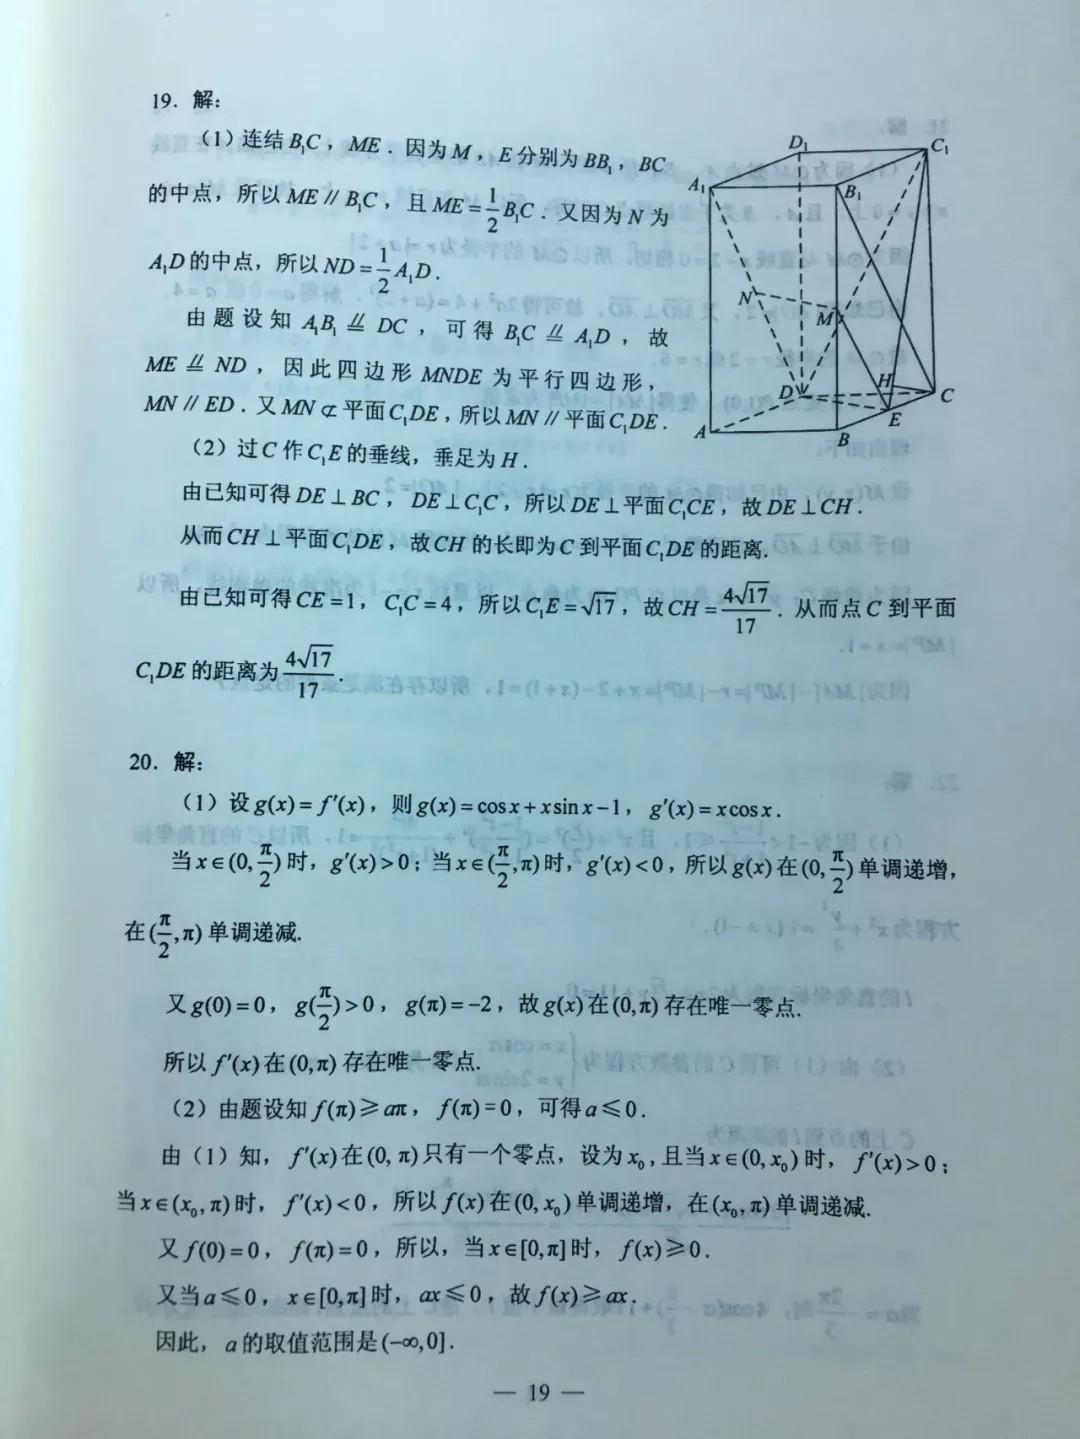 文科数学2.jpg